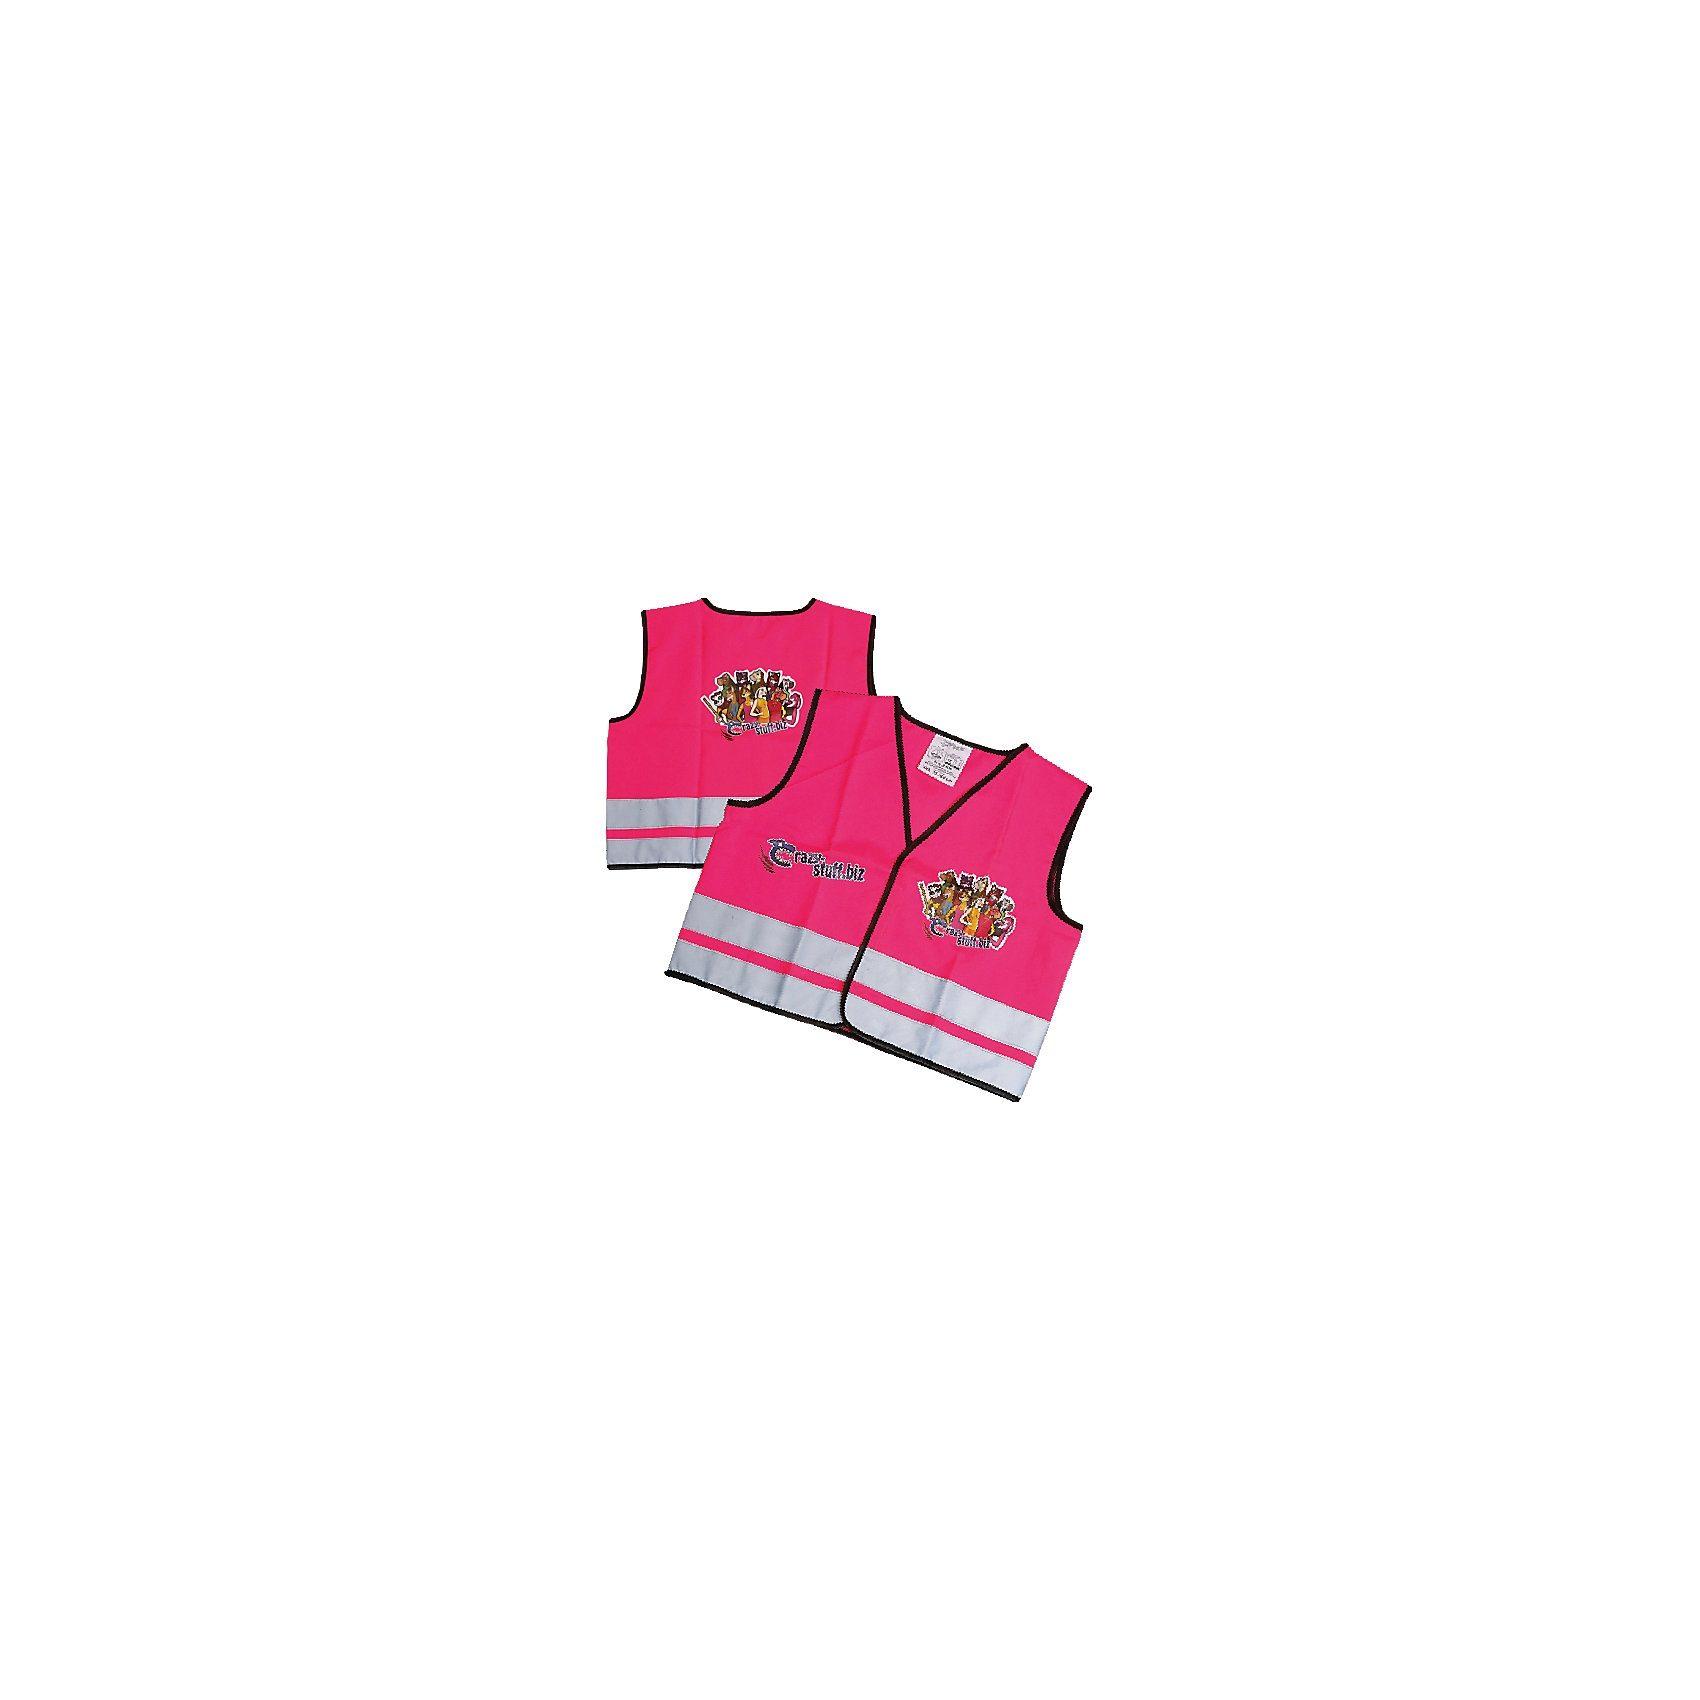 Crazy Stuff Warnweste pink, Größe XXS (70-104 cm)